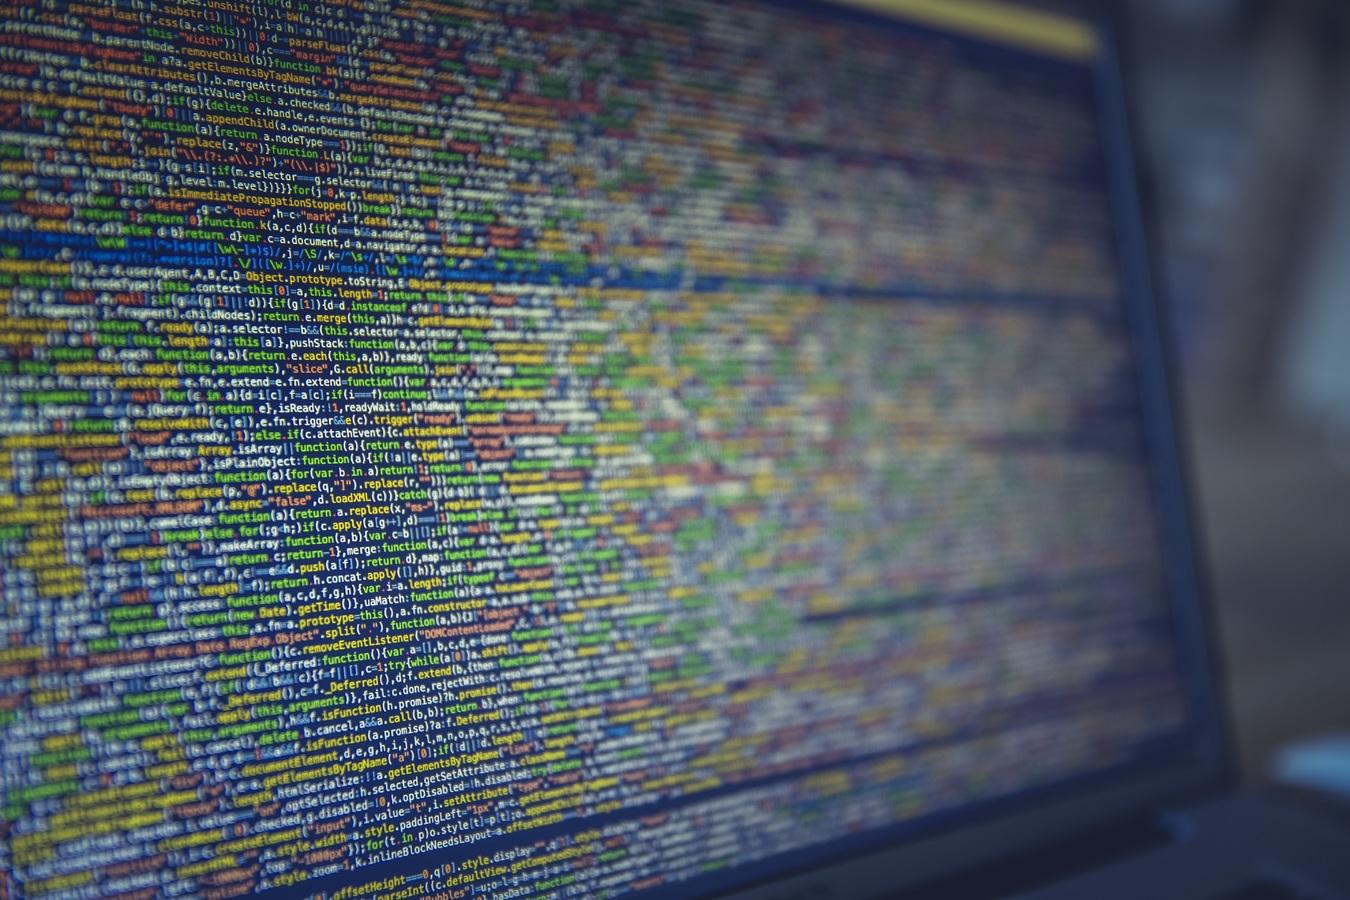 Covid-19: Comissão de Proteção de Dados abre inquérito a autarquias por violação de privacidade de doentes